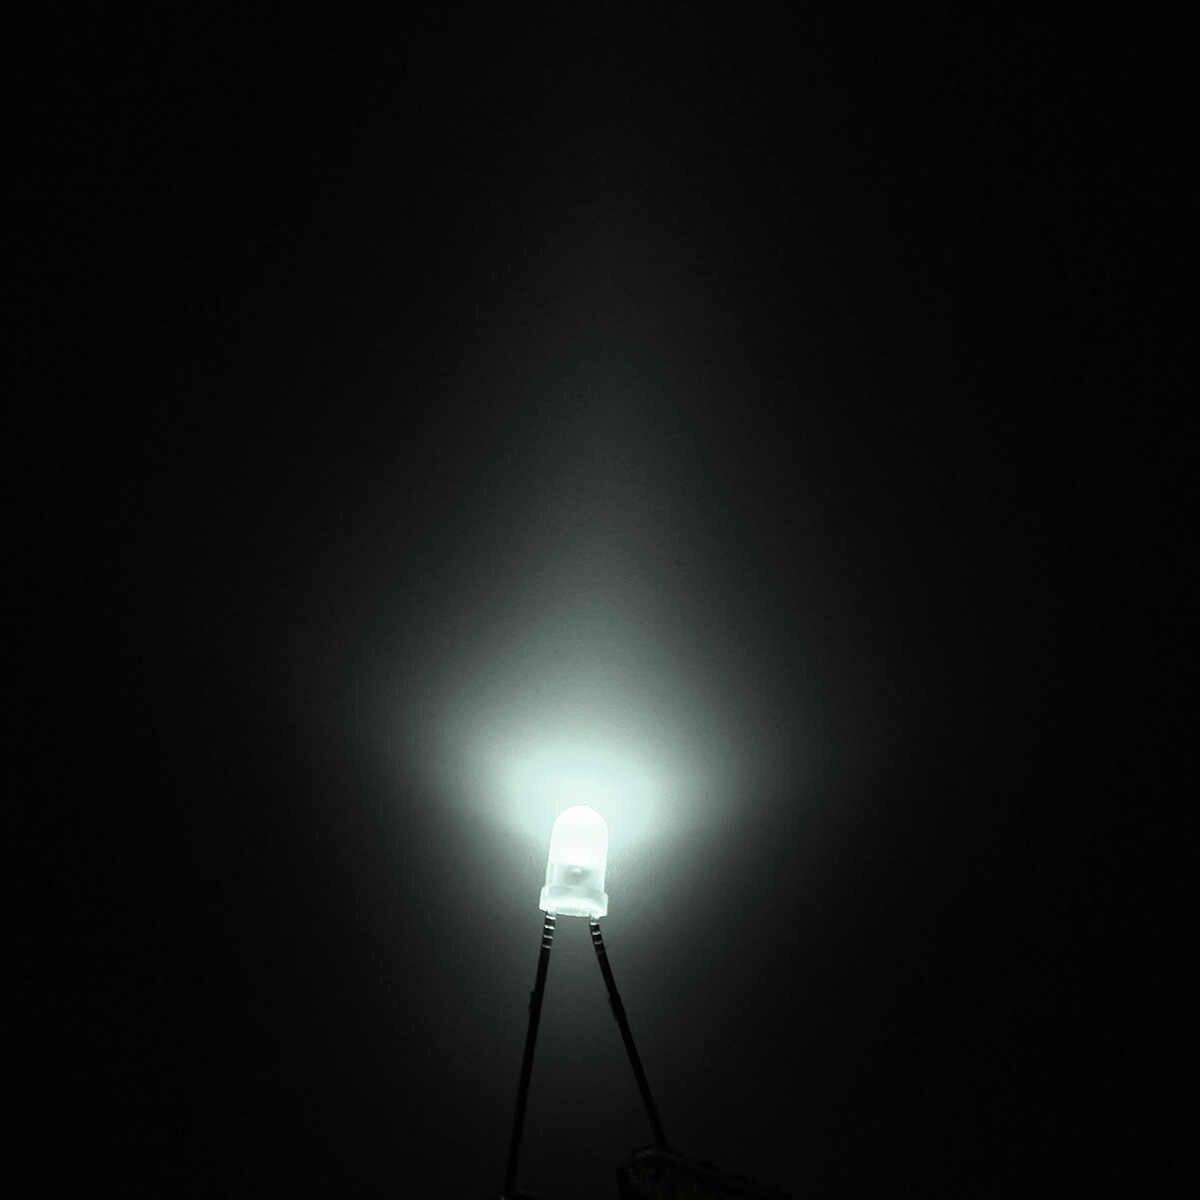 500 Pcs 3mm ultra jasne LED światła lampy diody świecące asortyment części zestaw wygodne dla DIY elektryczne urządzenie diody zestawy